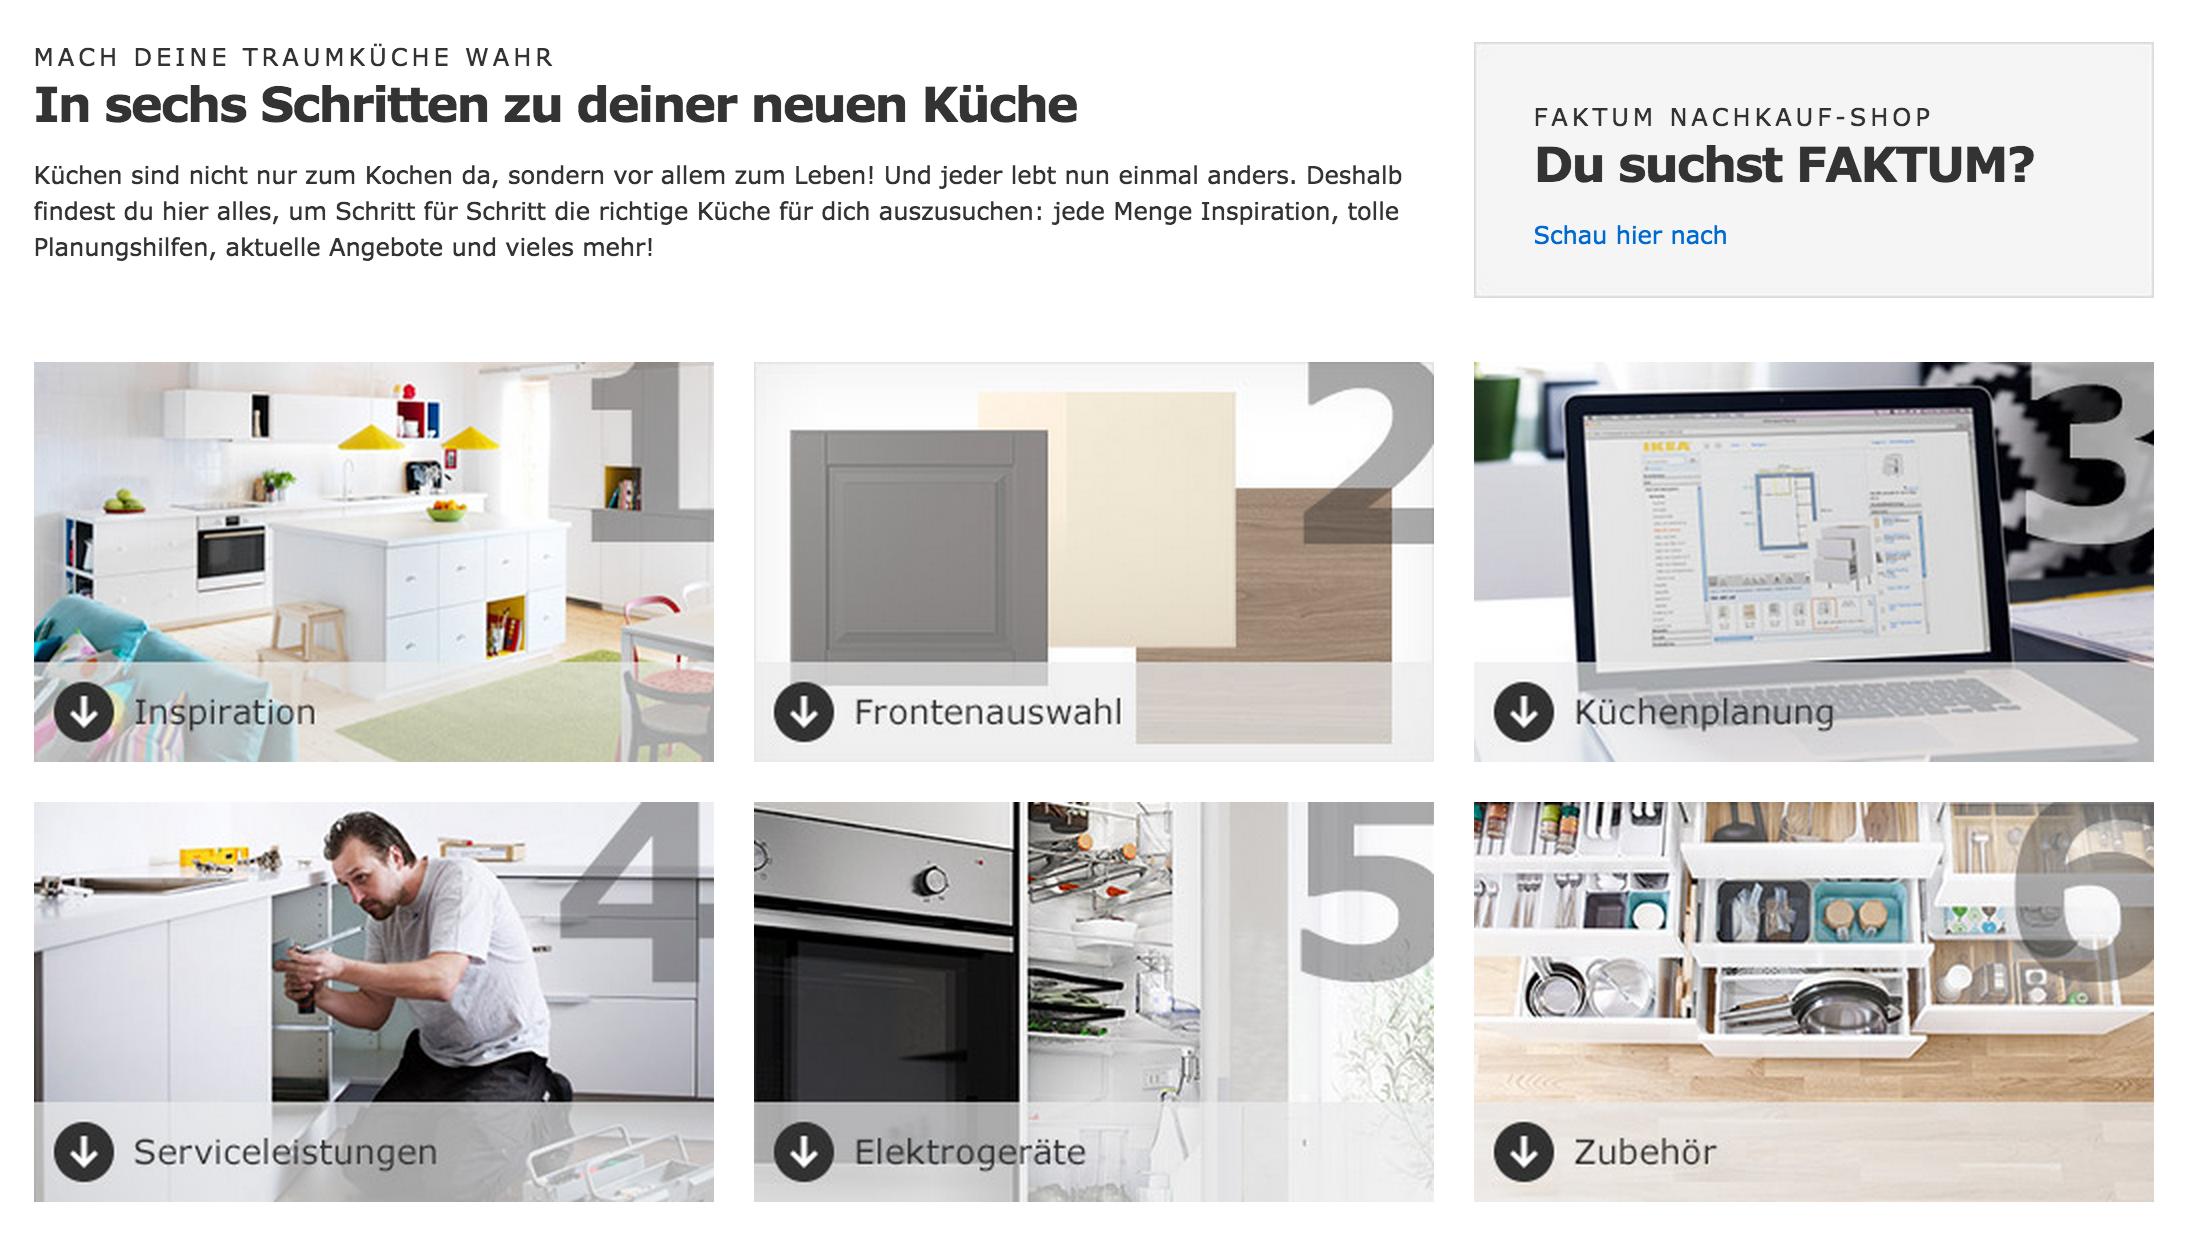 Full Size of Ikea Küchenzeile Kchenkauf Bei Erfahrungen Mit Der Online Kchenplanung Küche Kosten Betten 160x200 Sofa Schlaffunktion Miniküche Kaufen Modulküche Wohnzimmer Ikea Küchenzeile